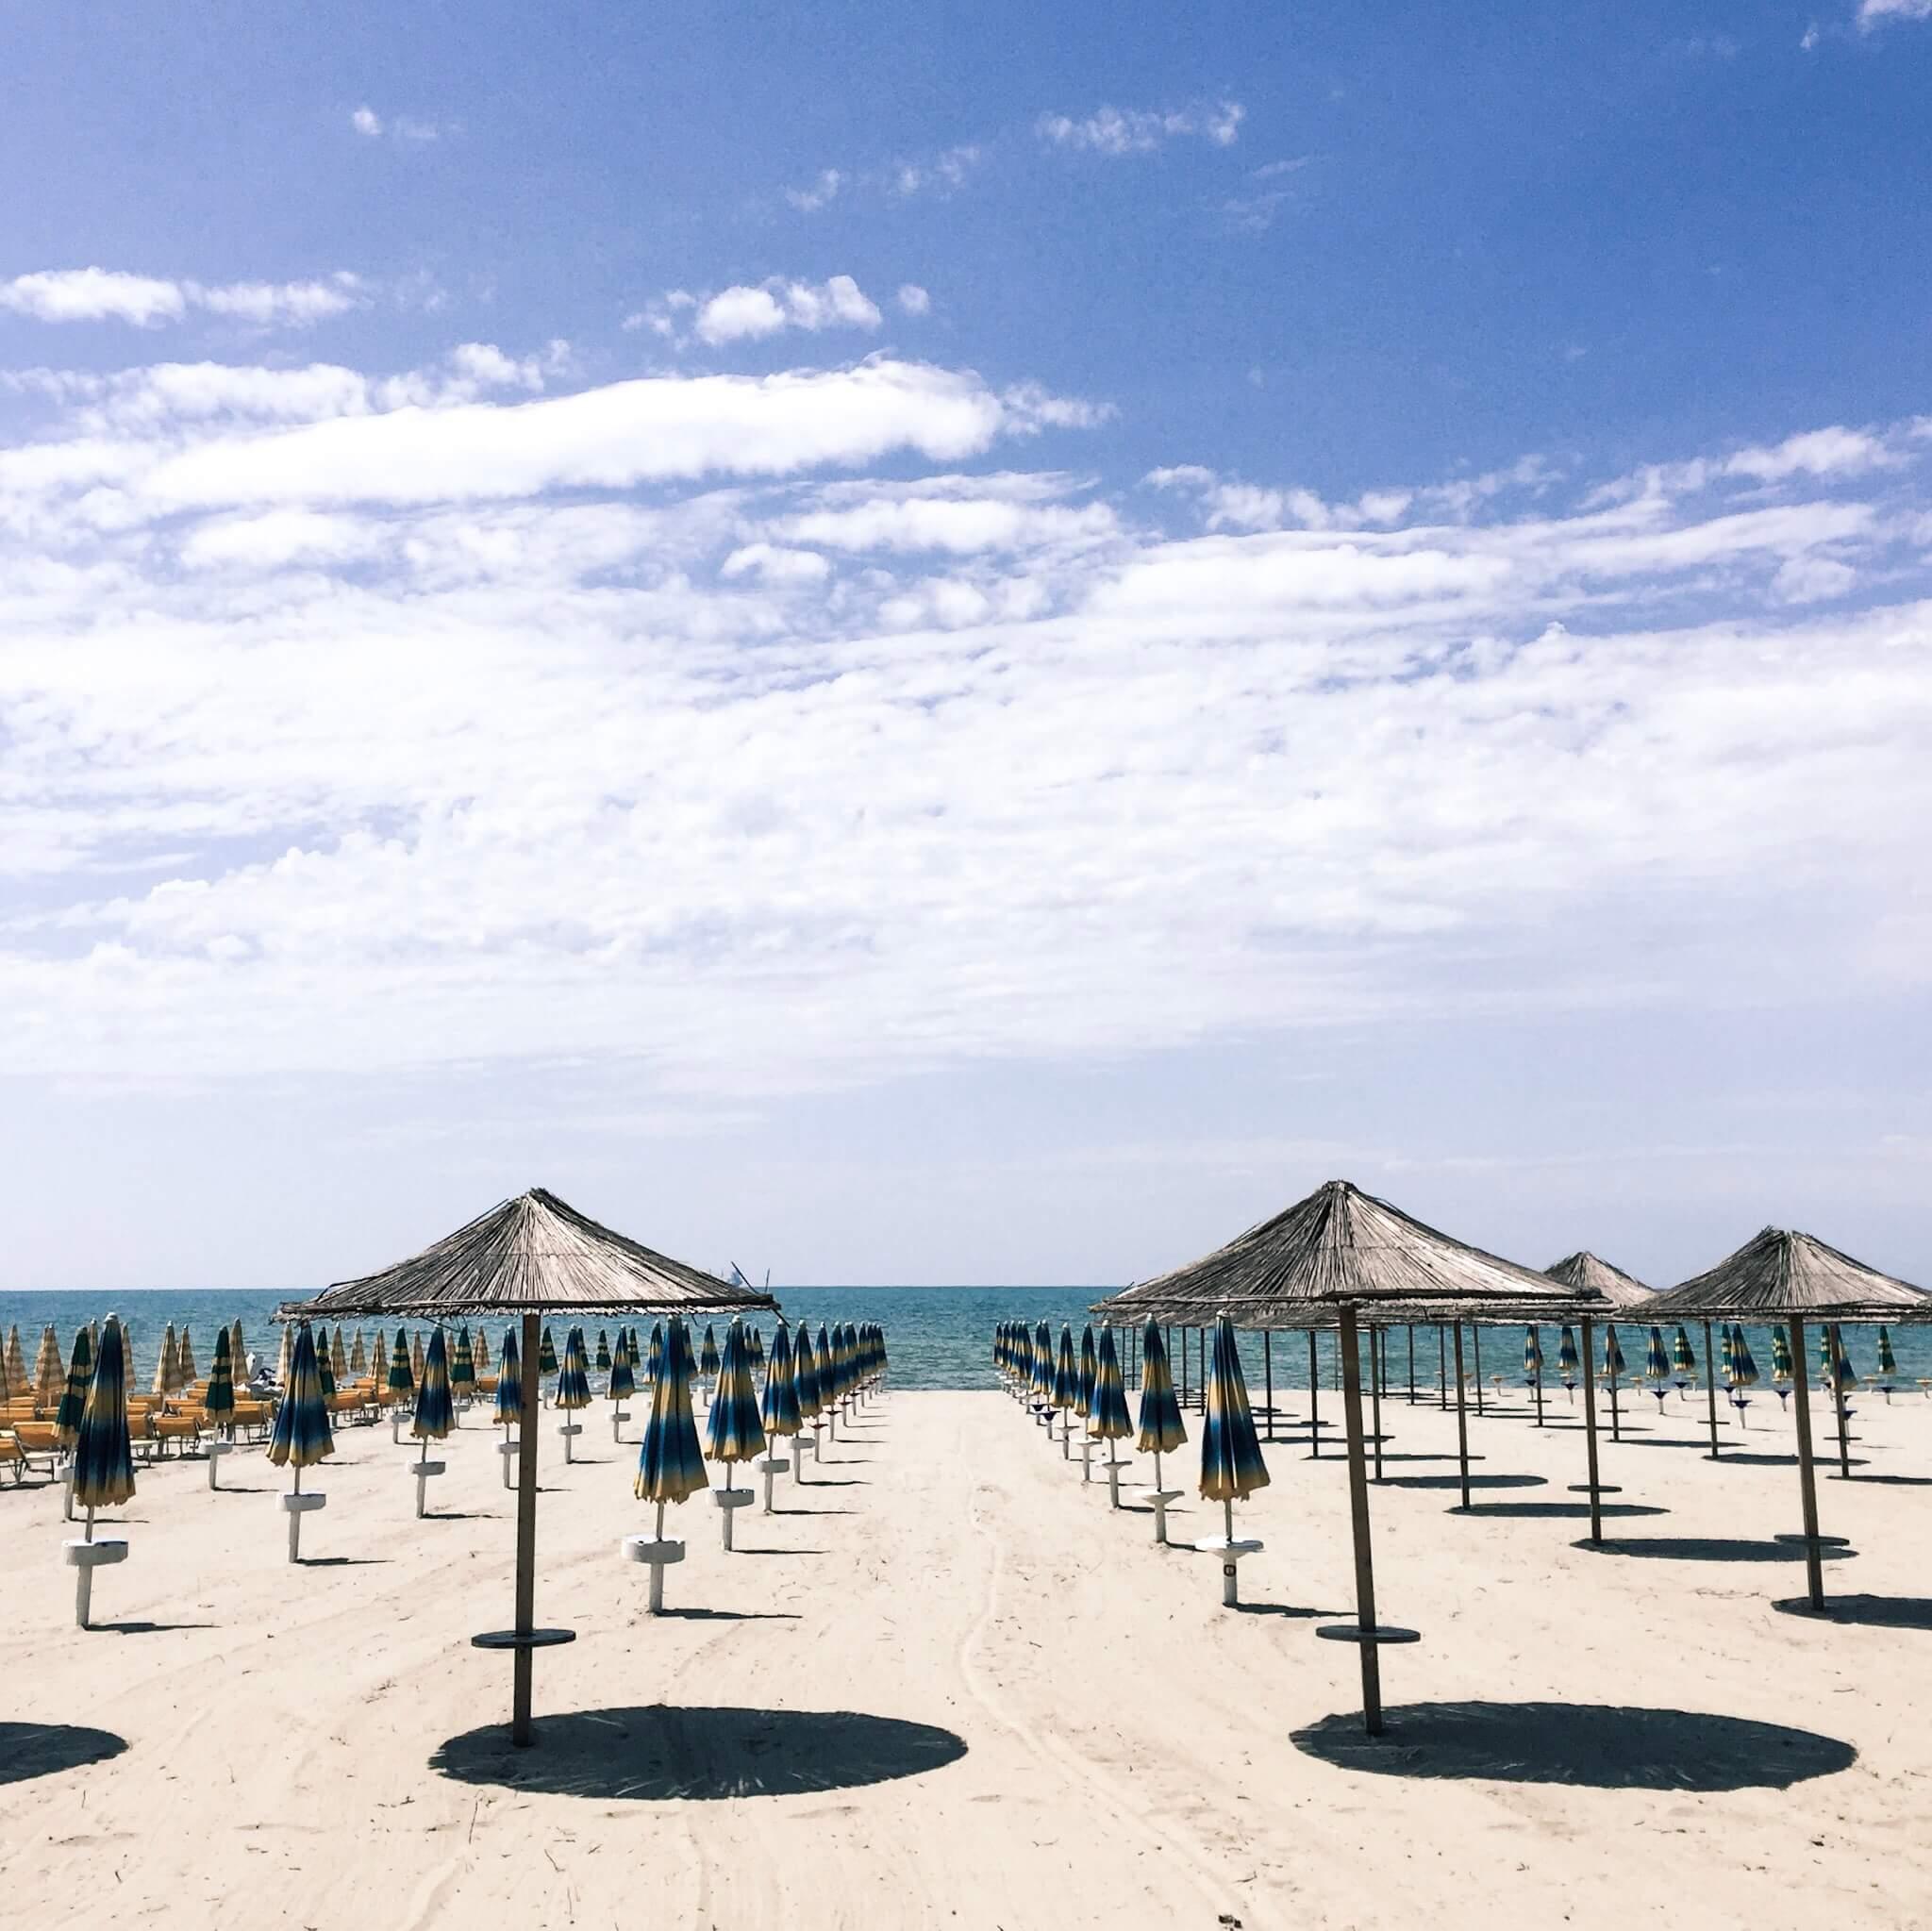 Durres Beach Umbrellas